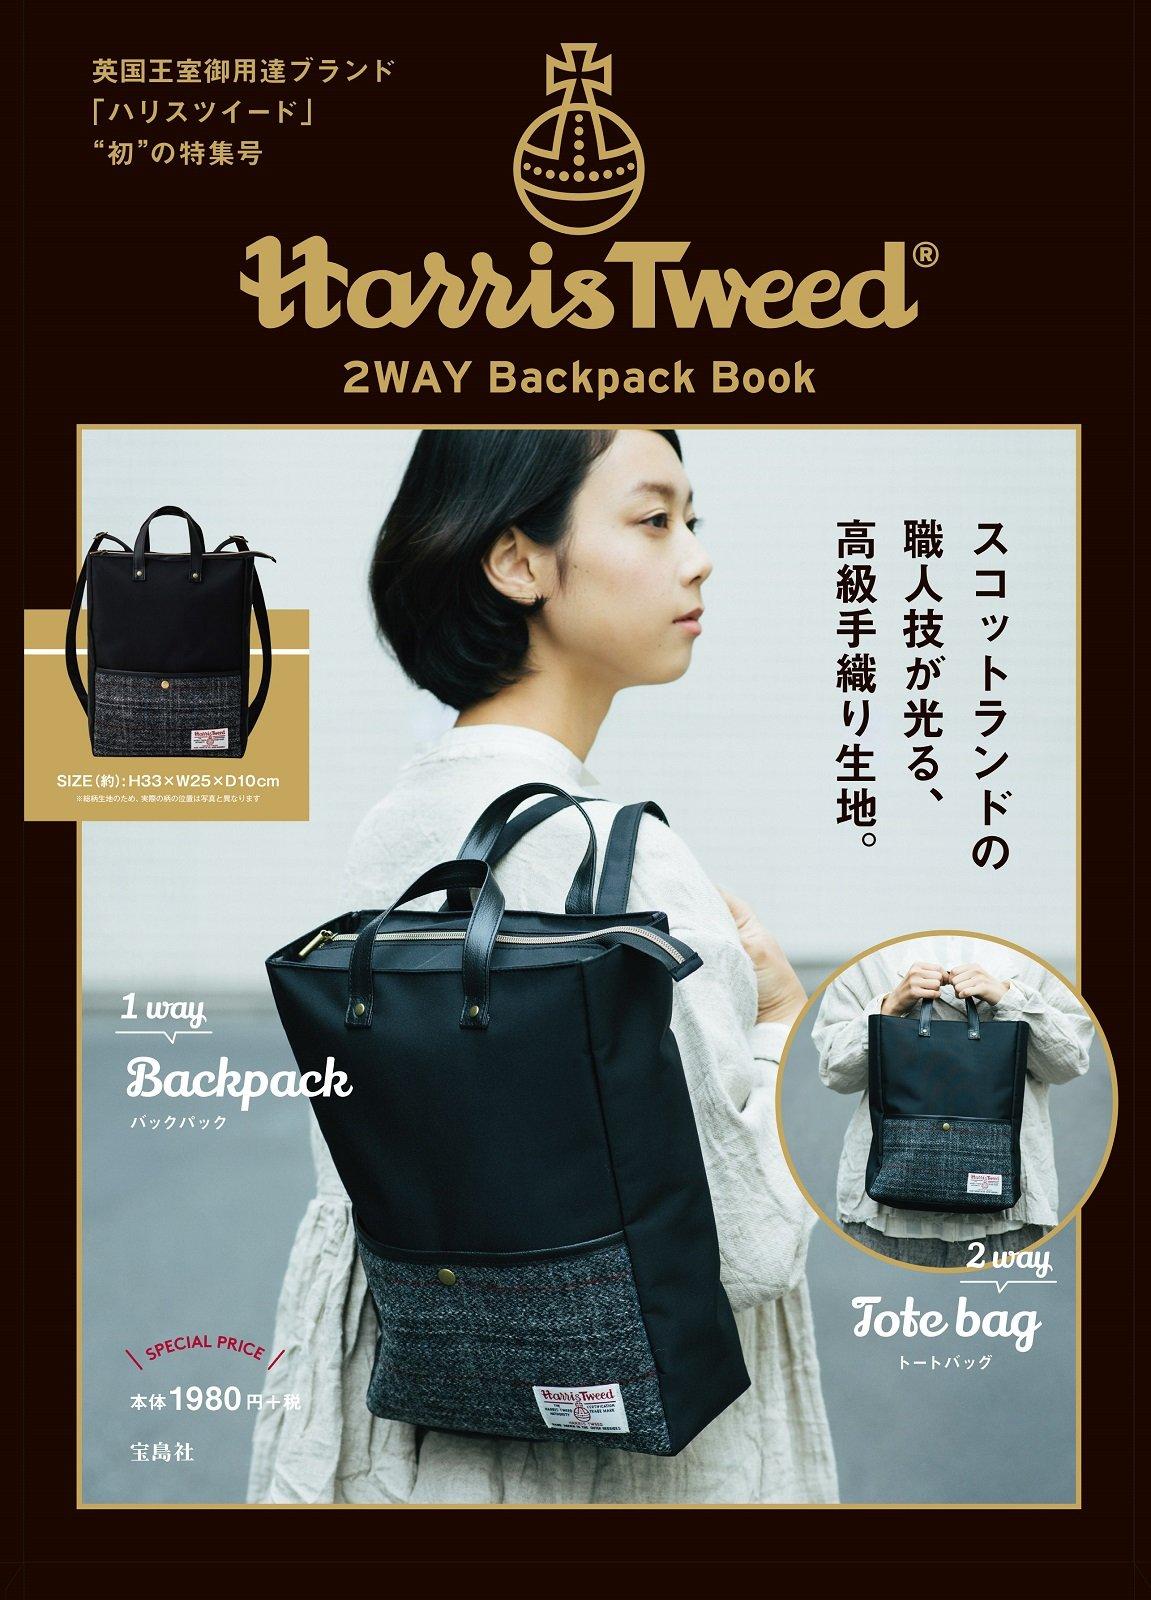 アマゾンでHarris Tweed 2WAY Backpack Book (バラエティ)を買うと、ハリスツイードのリュックが買える。もはや雑誌ではない。12/16~。